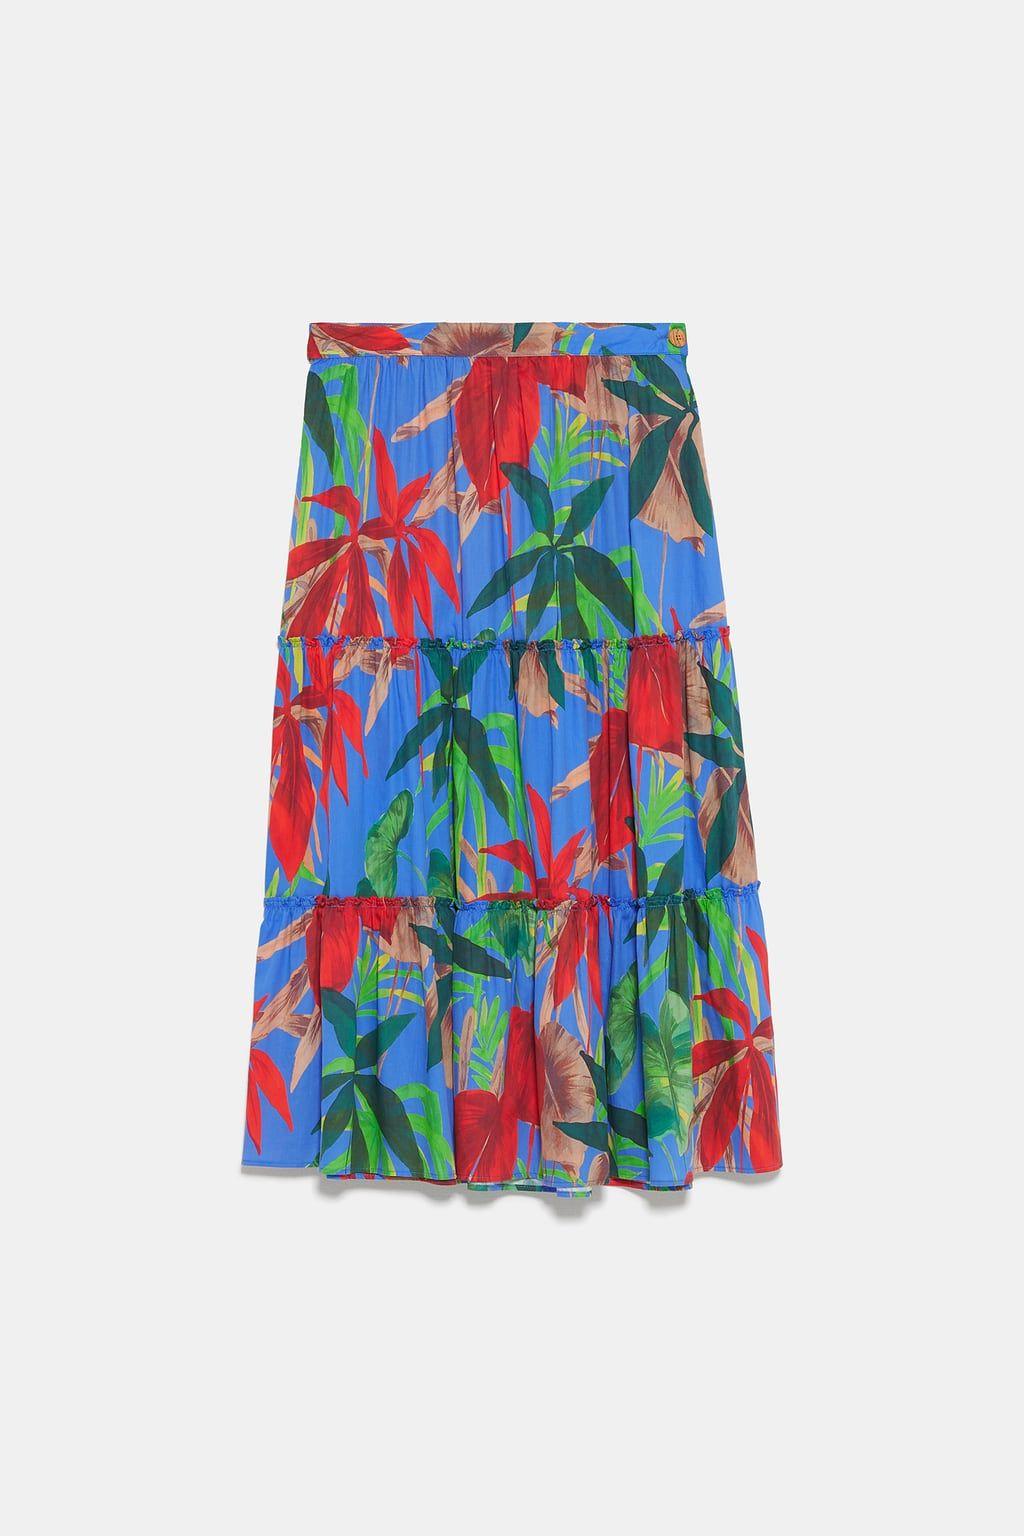 Faldas largas de rebajas Zara que siguen las tendencias de